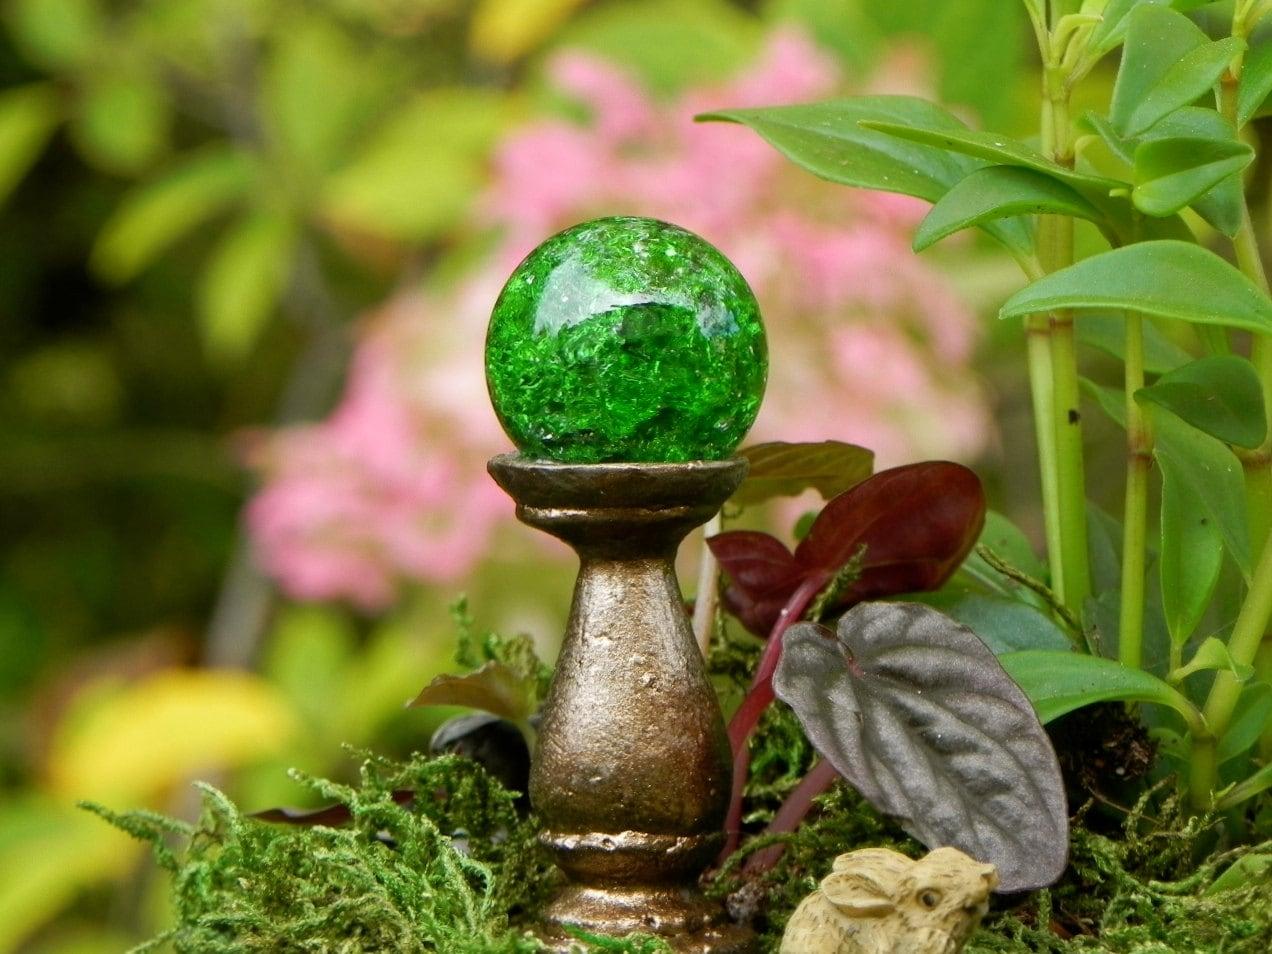 Gnome Garden: Fairy Garden Gazing Ball Miniature Crackle Emerald Green For